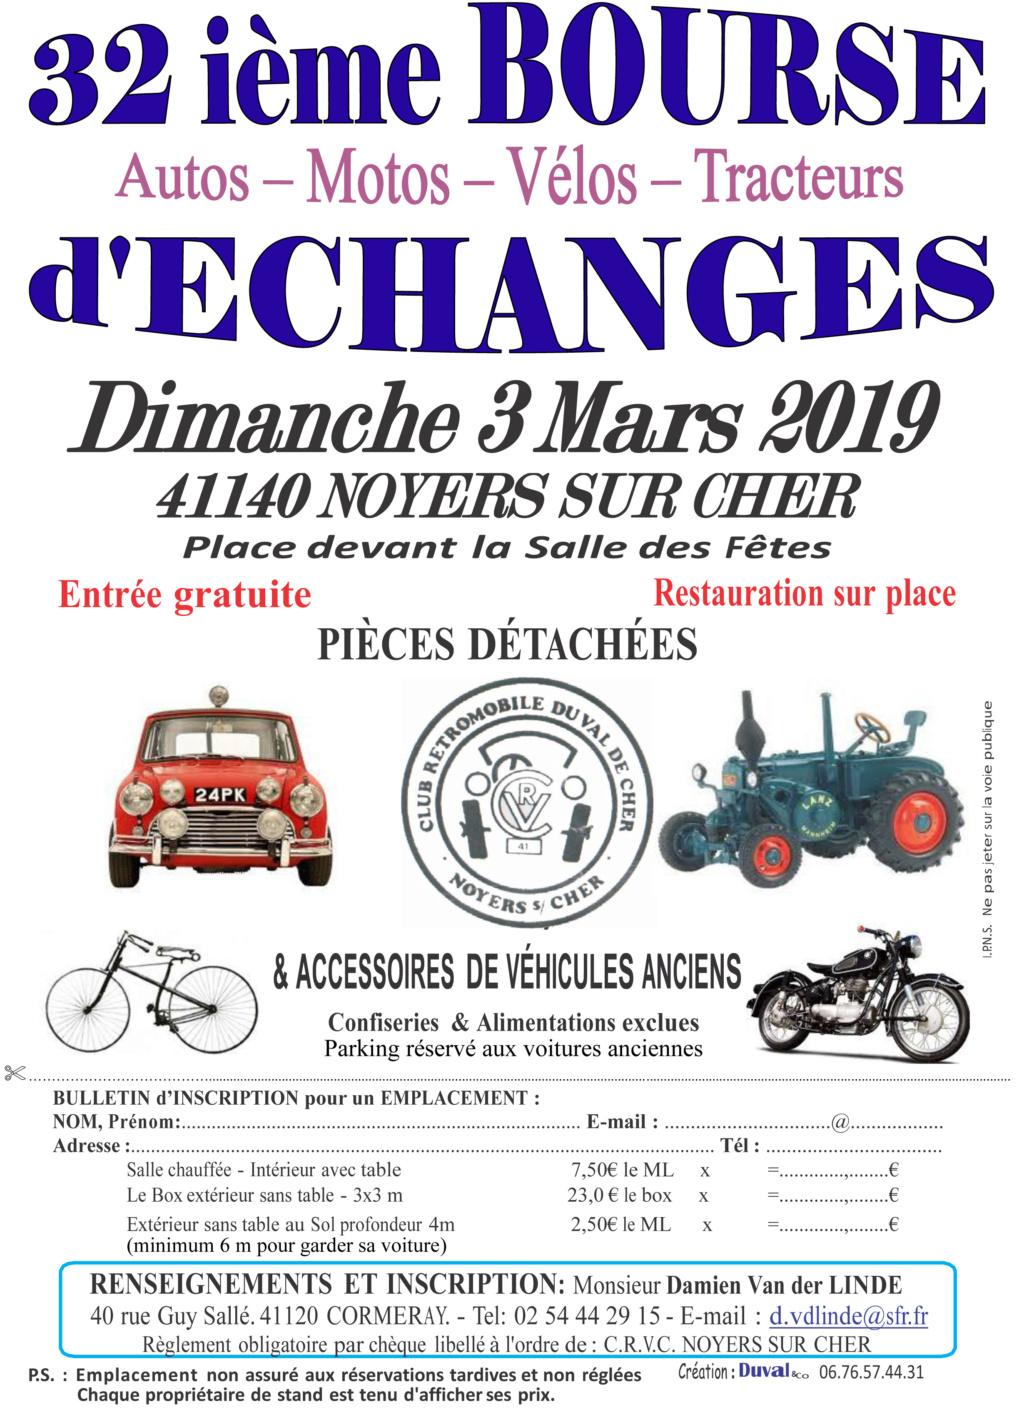 Bourse -  dimanche 3 mars 2019 - Noyers sur Cher (41140) 2019no10